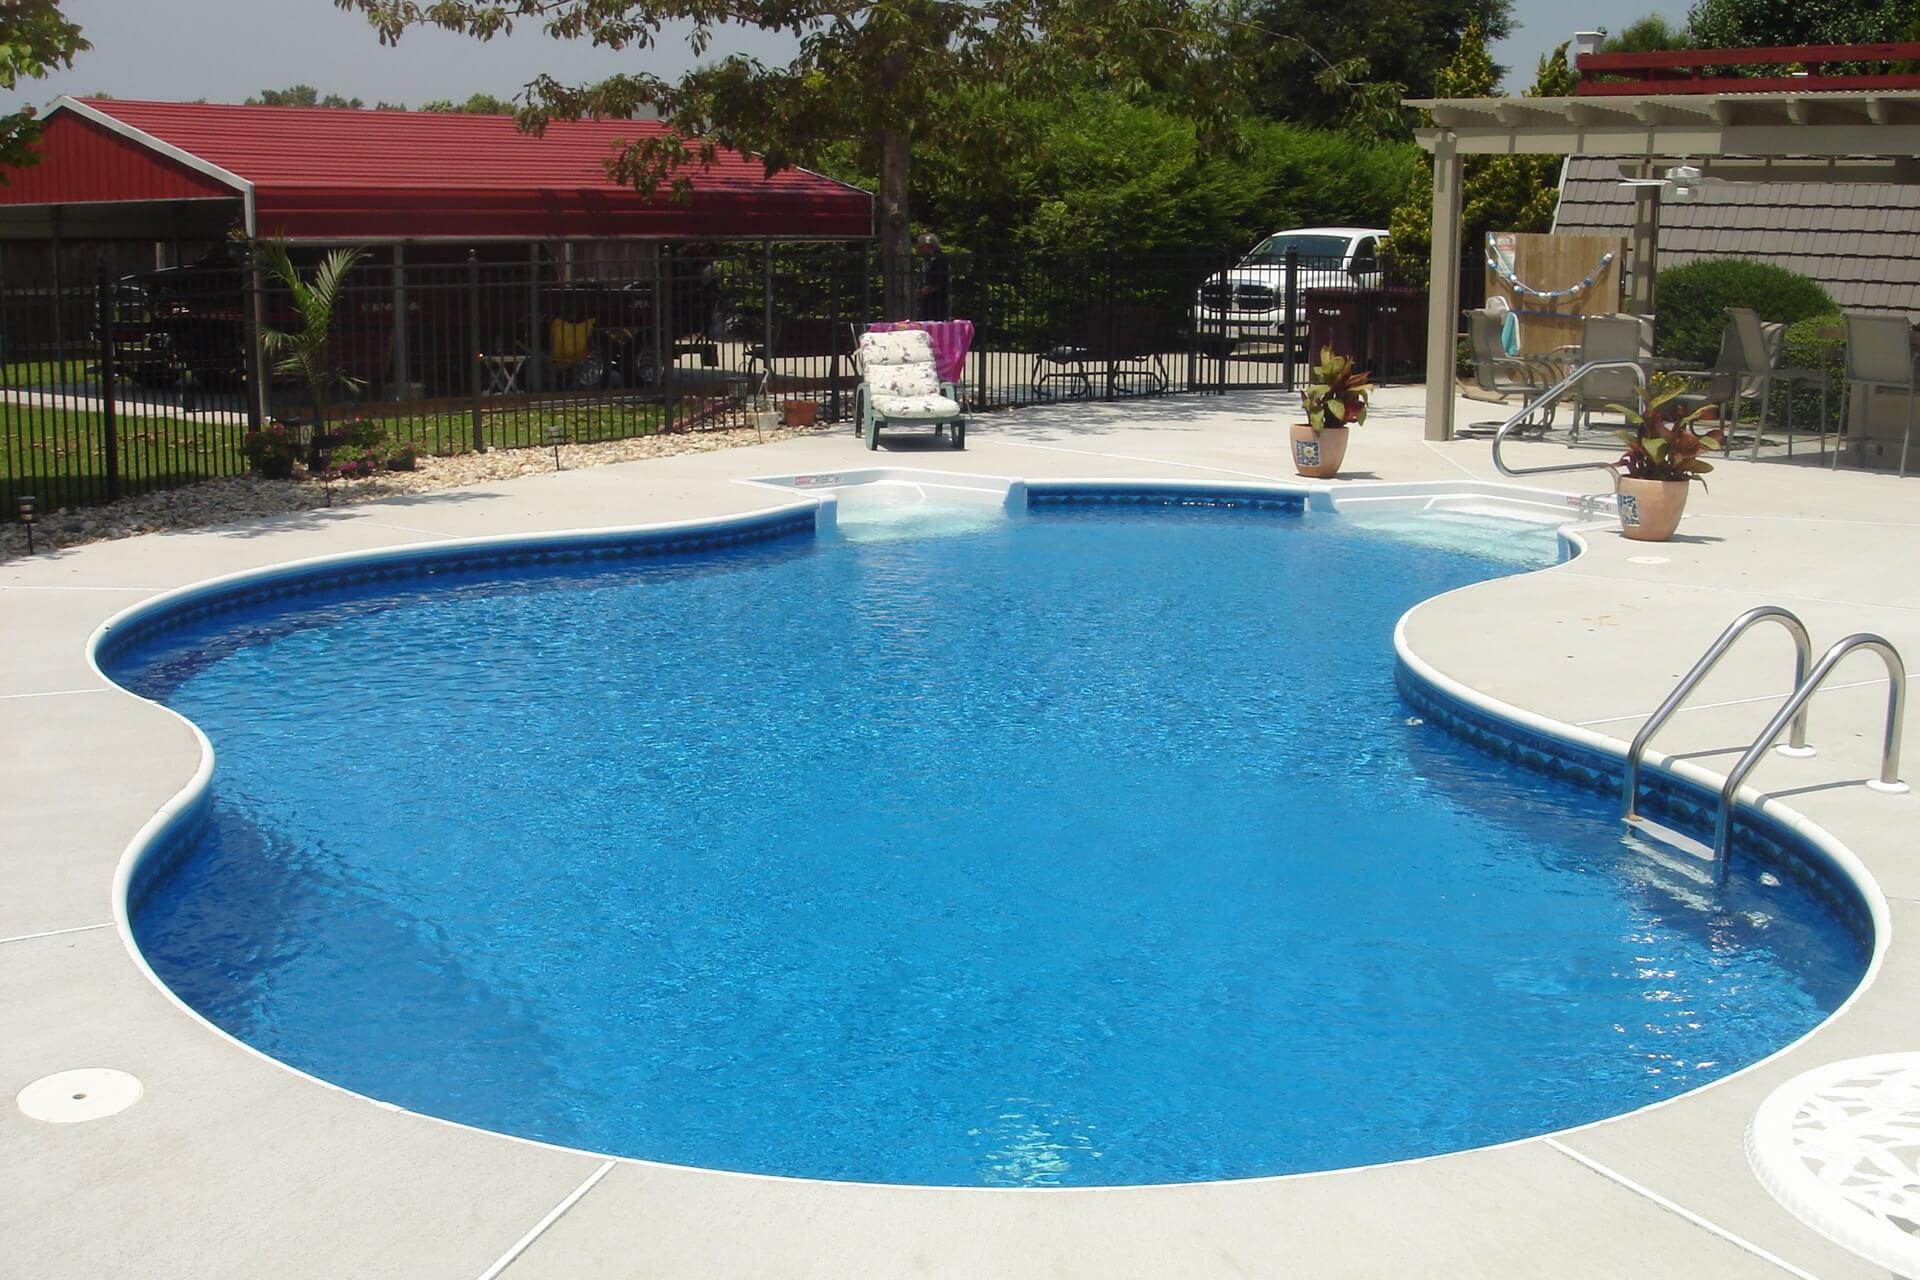 Blue Water Pools 1 Custom Pool Builder In Virginia Beach